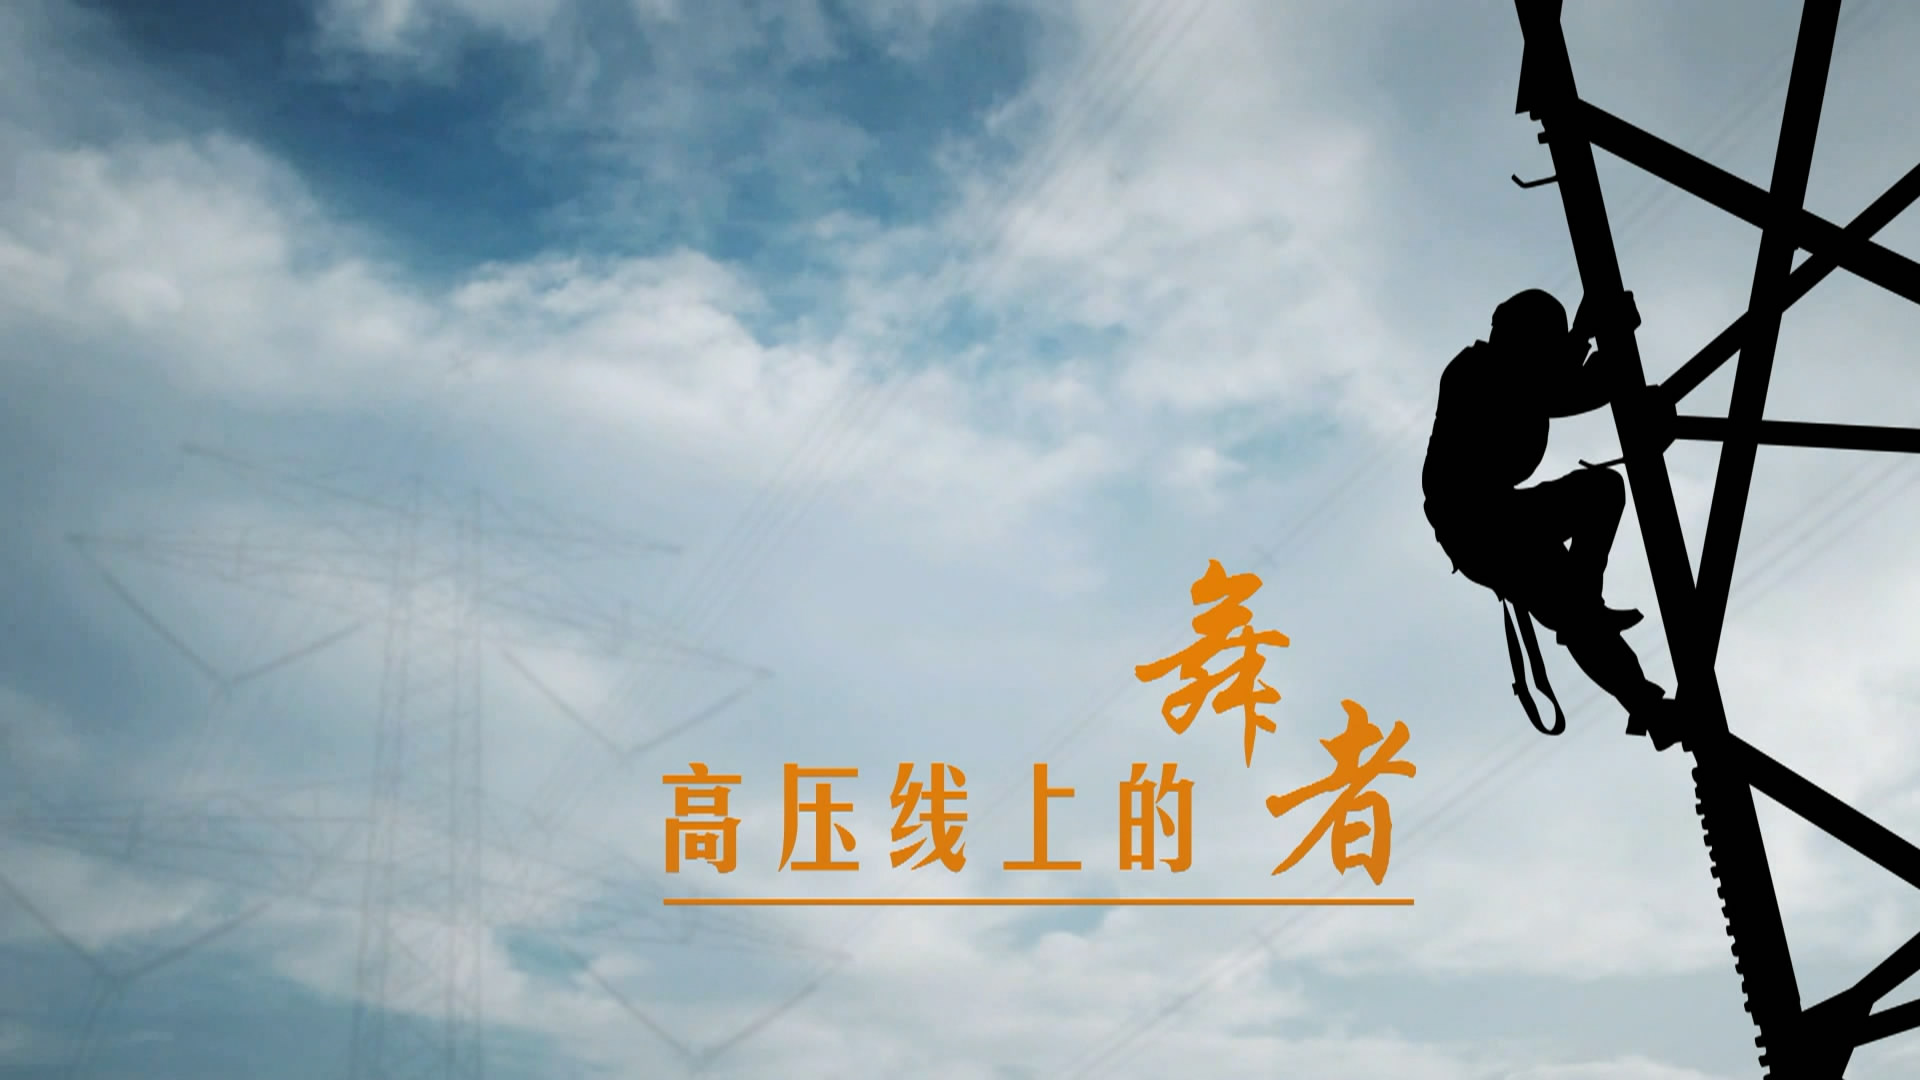 安徽:微电影《高压线上的舞者》[00_01_12][20180813-163517-0].JPG